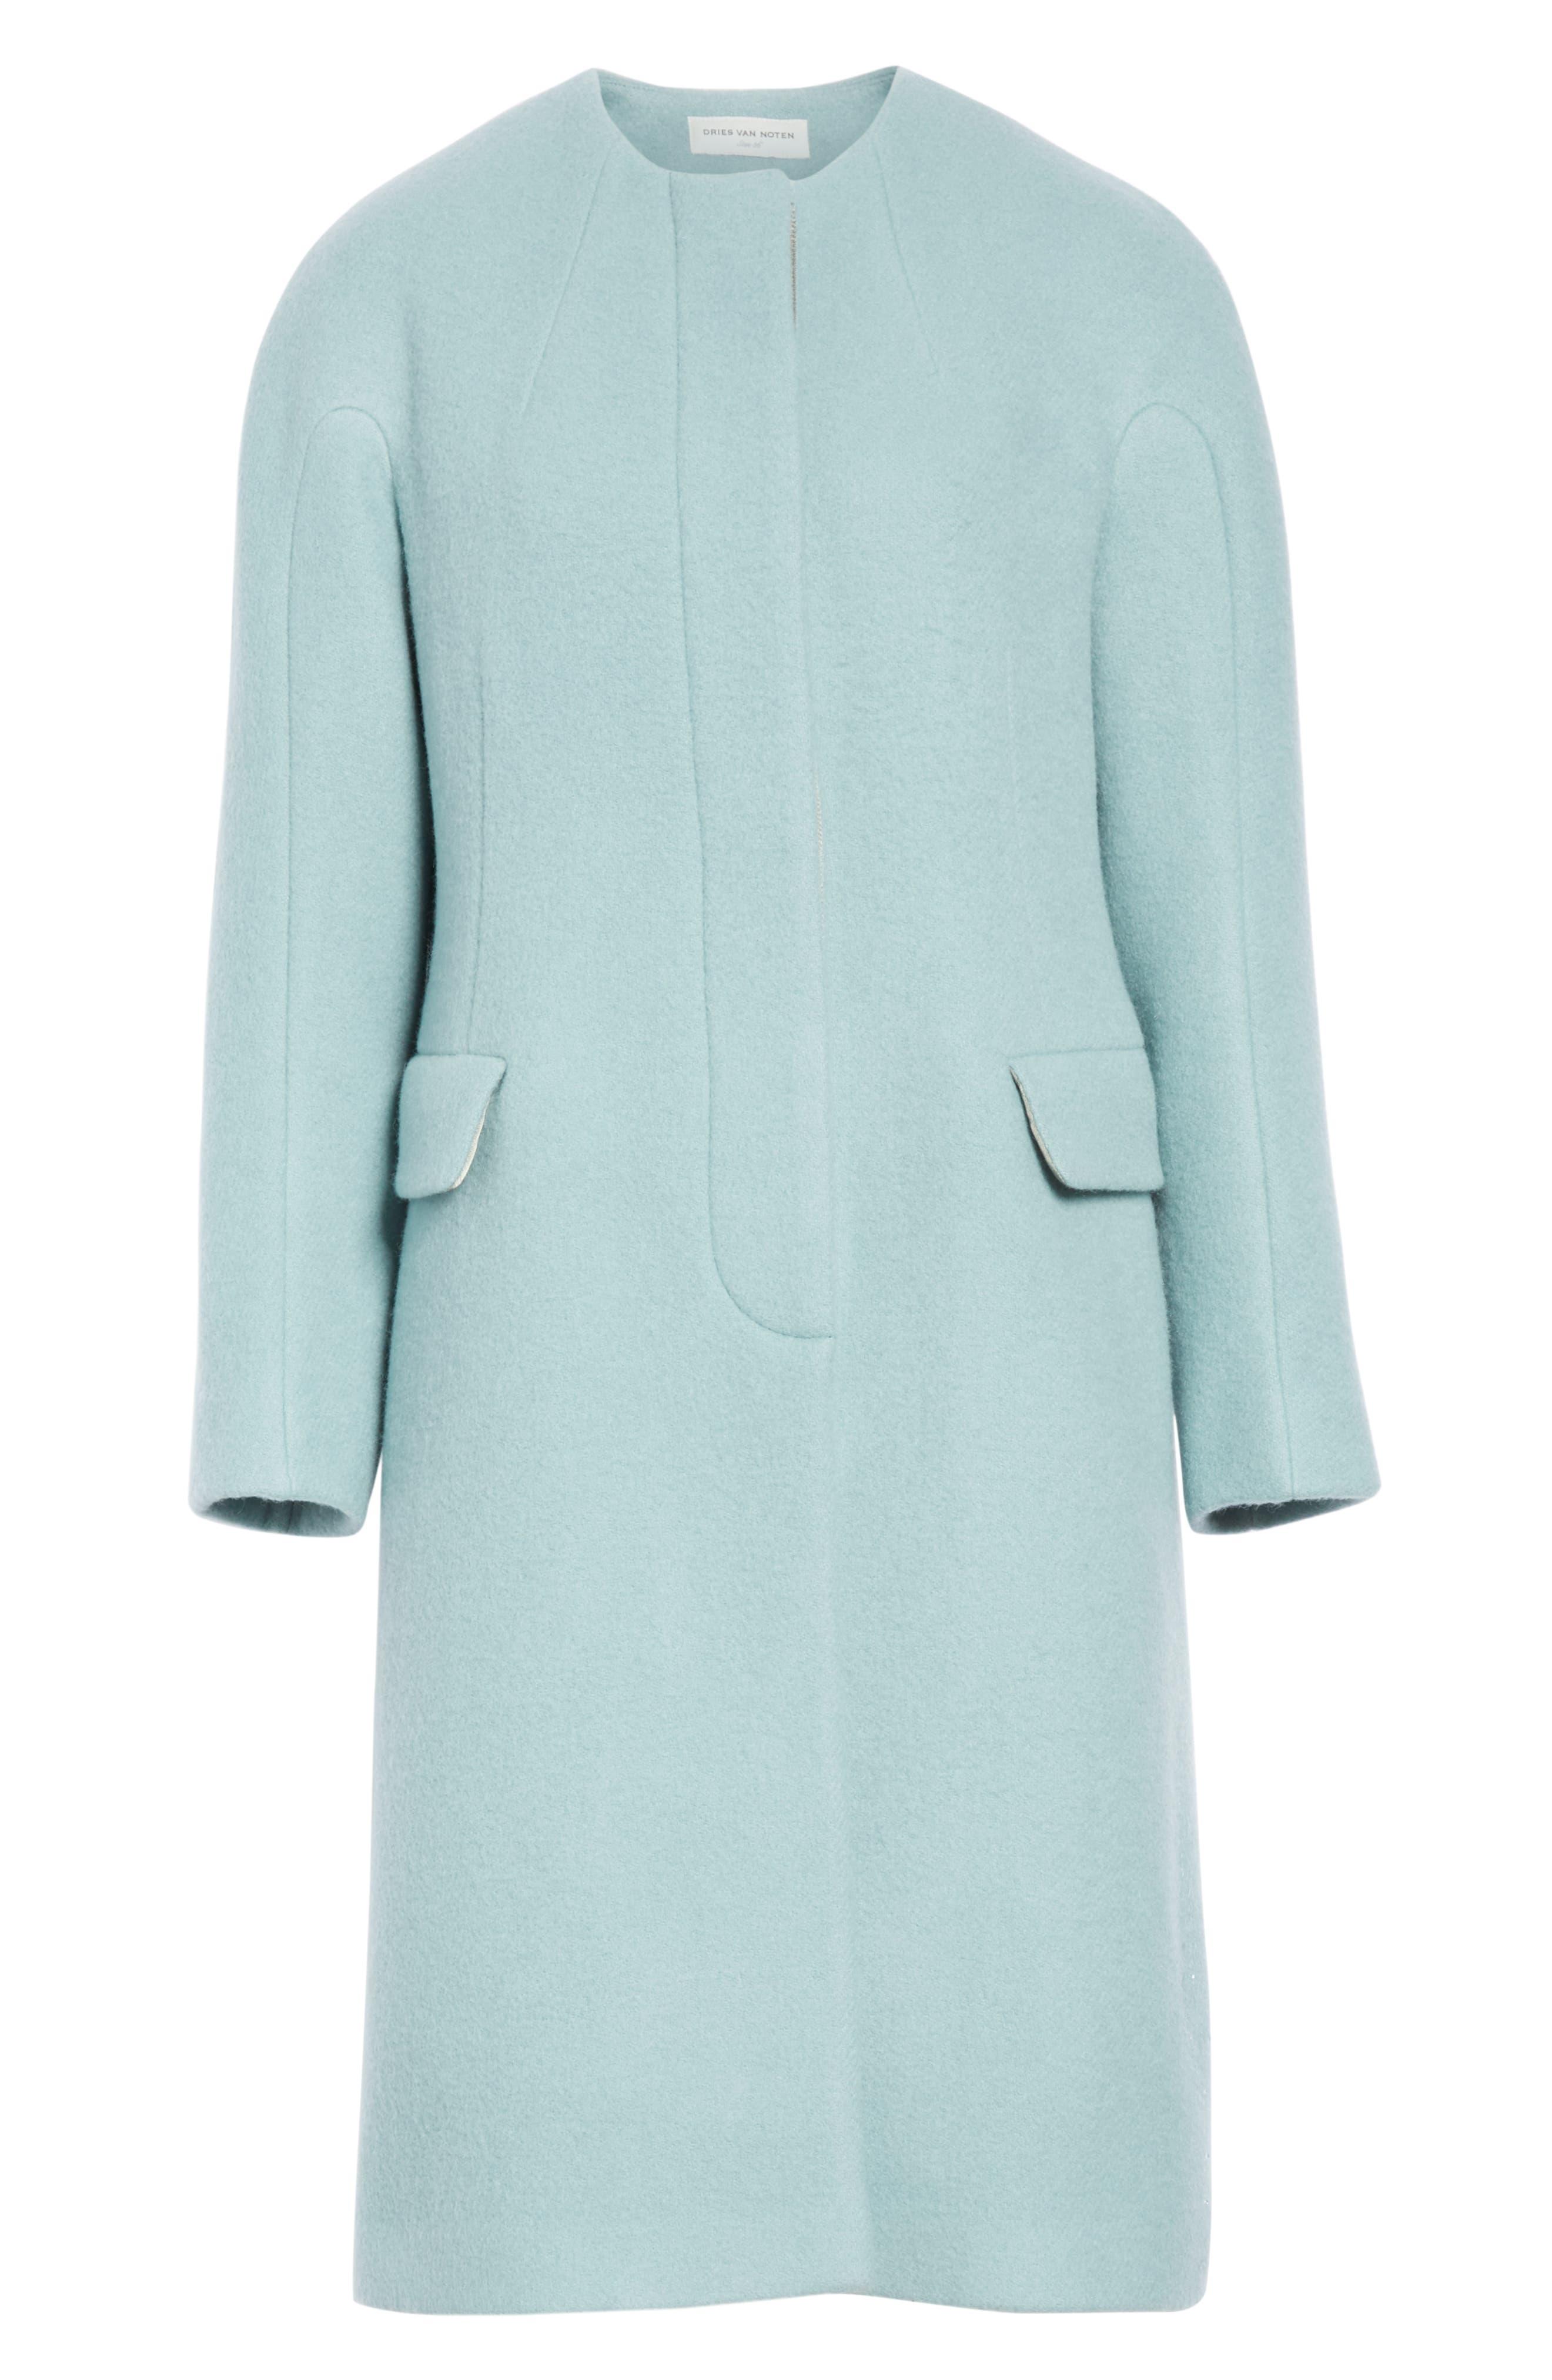 Wool & Mohair Coat,                             Alternate thumbnail 6, color,                             LIGHT BLUE